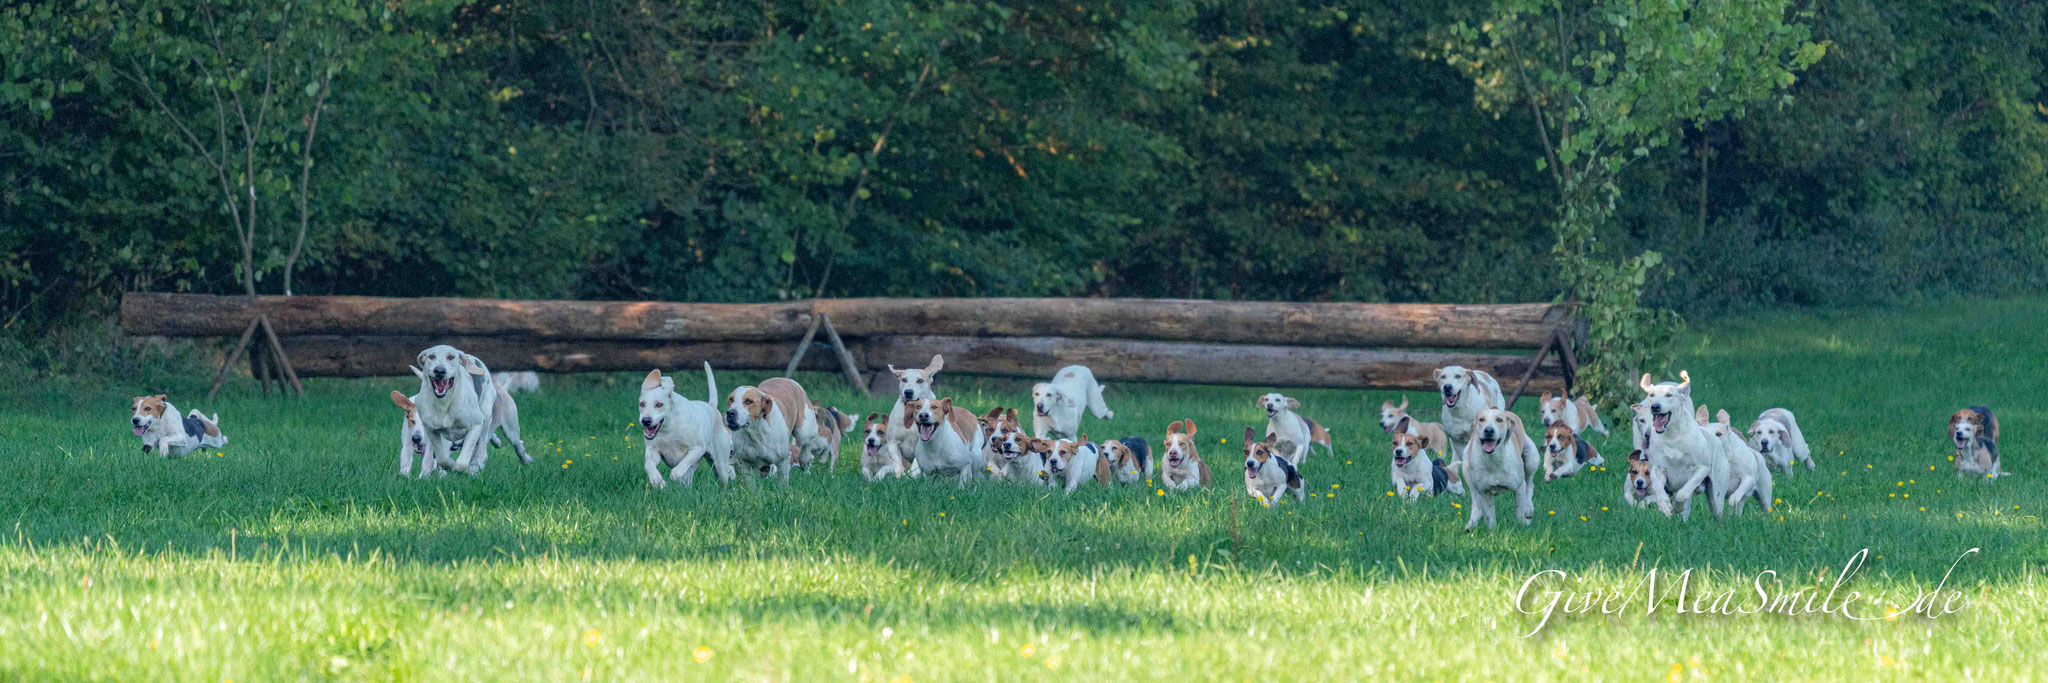 Jagdfotos vom Team @Givemeasmile.de auf der Fotojagd, Peter Jäger  #SchlossFasanerie #Fulda #Eichenzell #jagdreiterfulda #givemeasmilede #taunusmeute #foxhounds #beagles #jagdreiten #schleppjagd